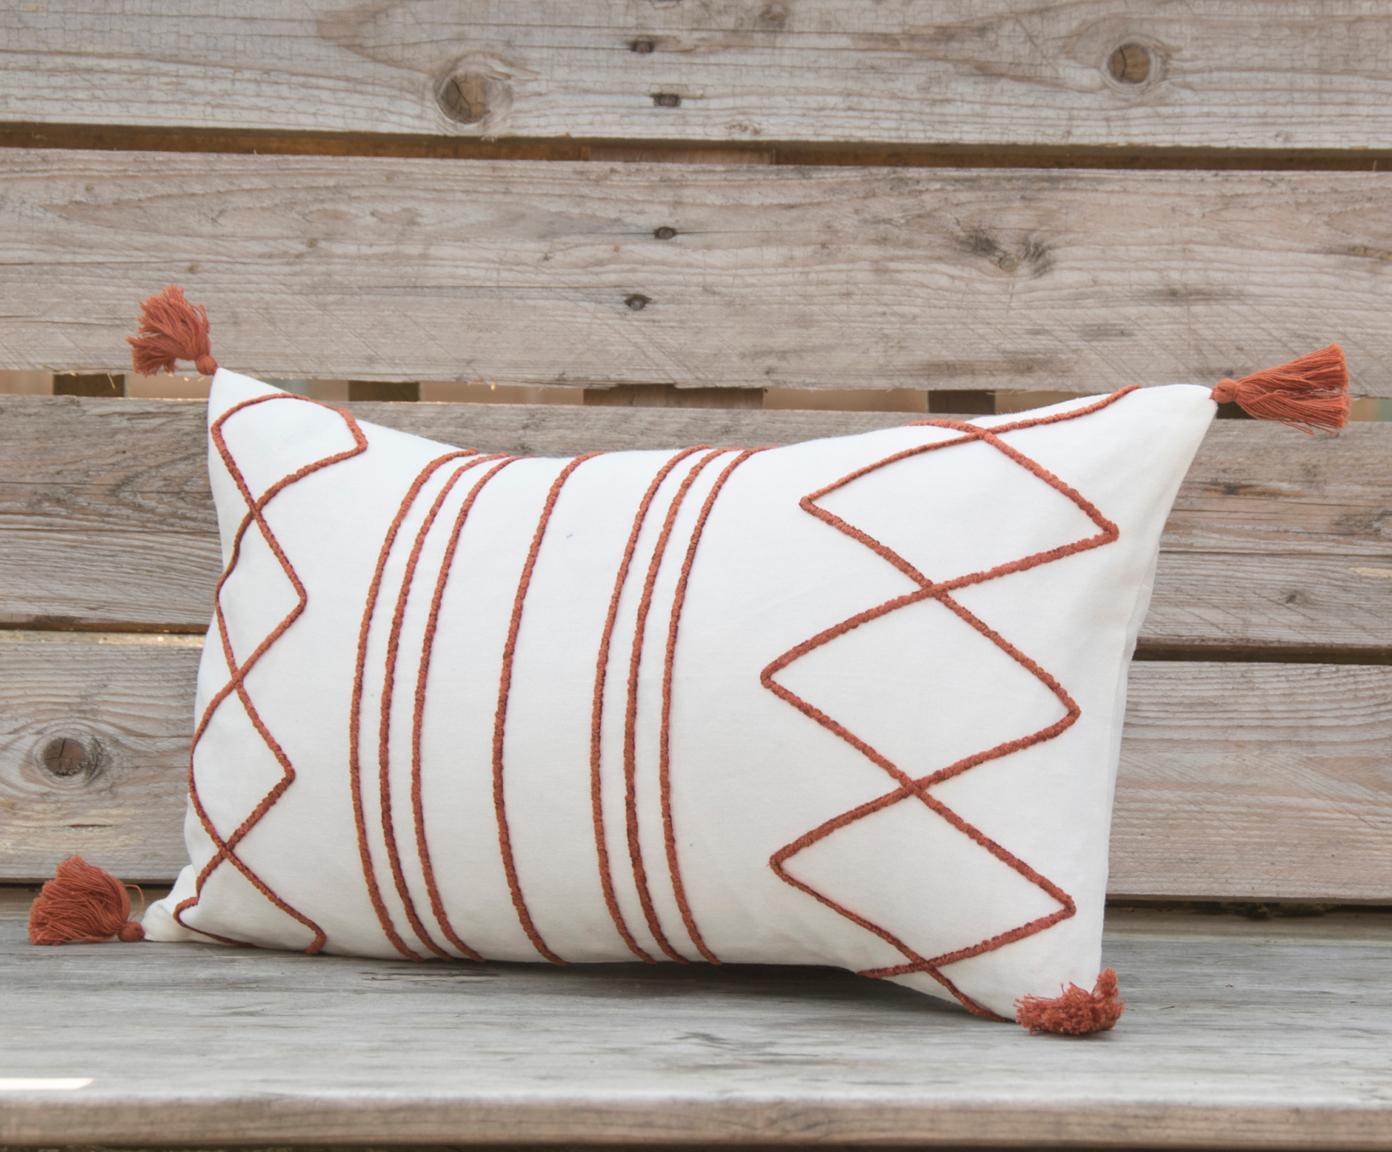 Poszewka na poduszkę z chwostami Istanbul, 100% bawełna, Biały, czerwony, S 30 x D 50 cm